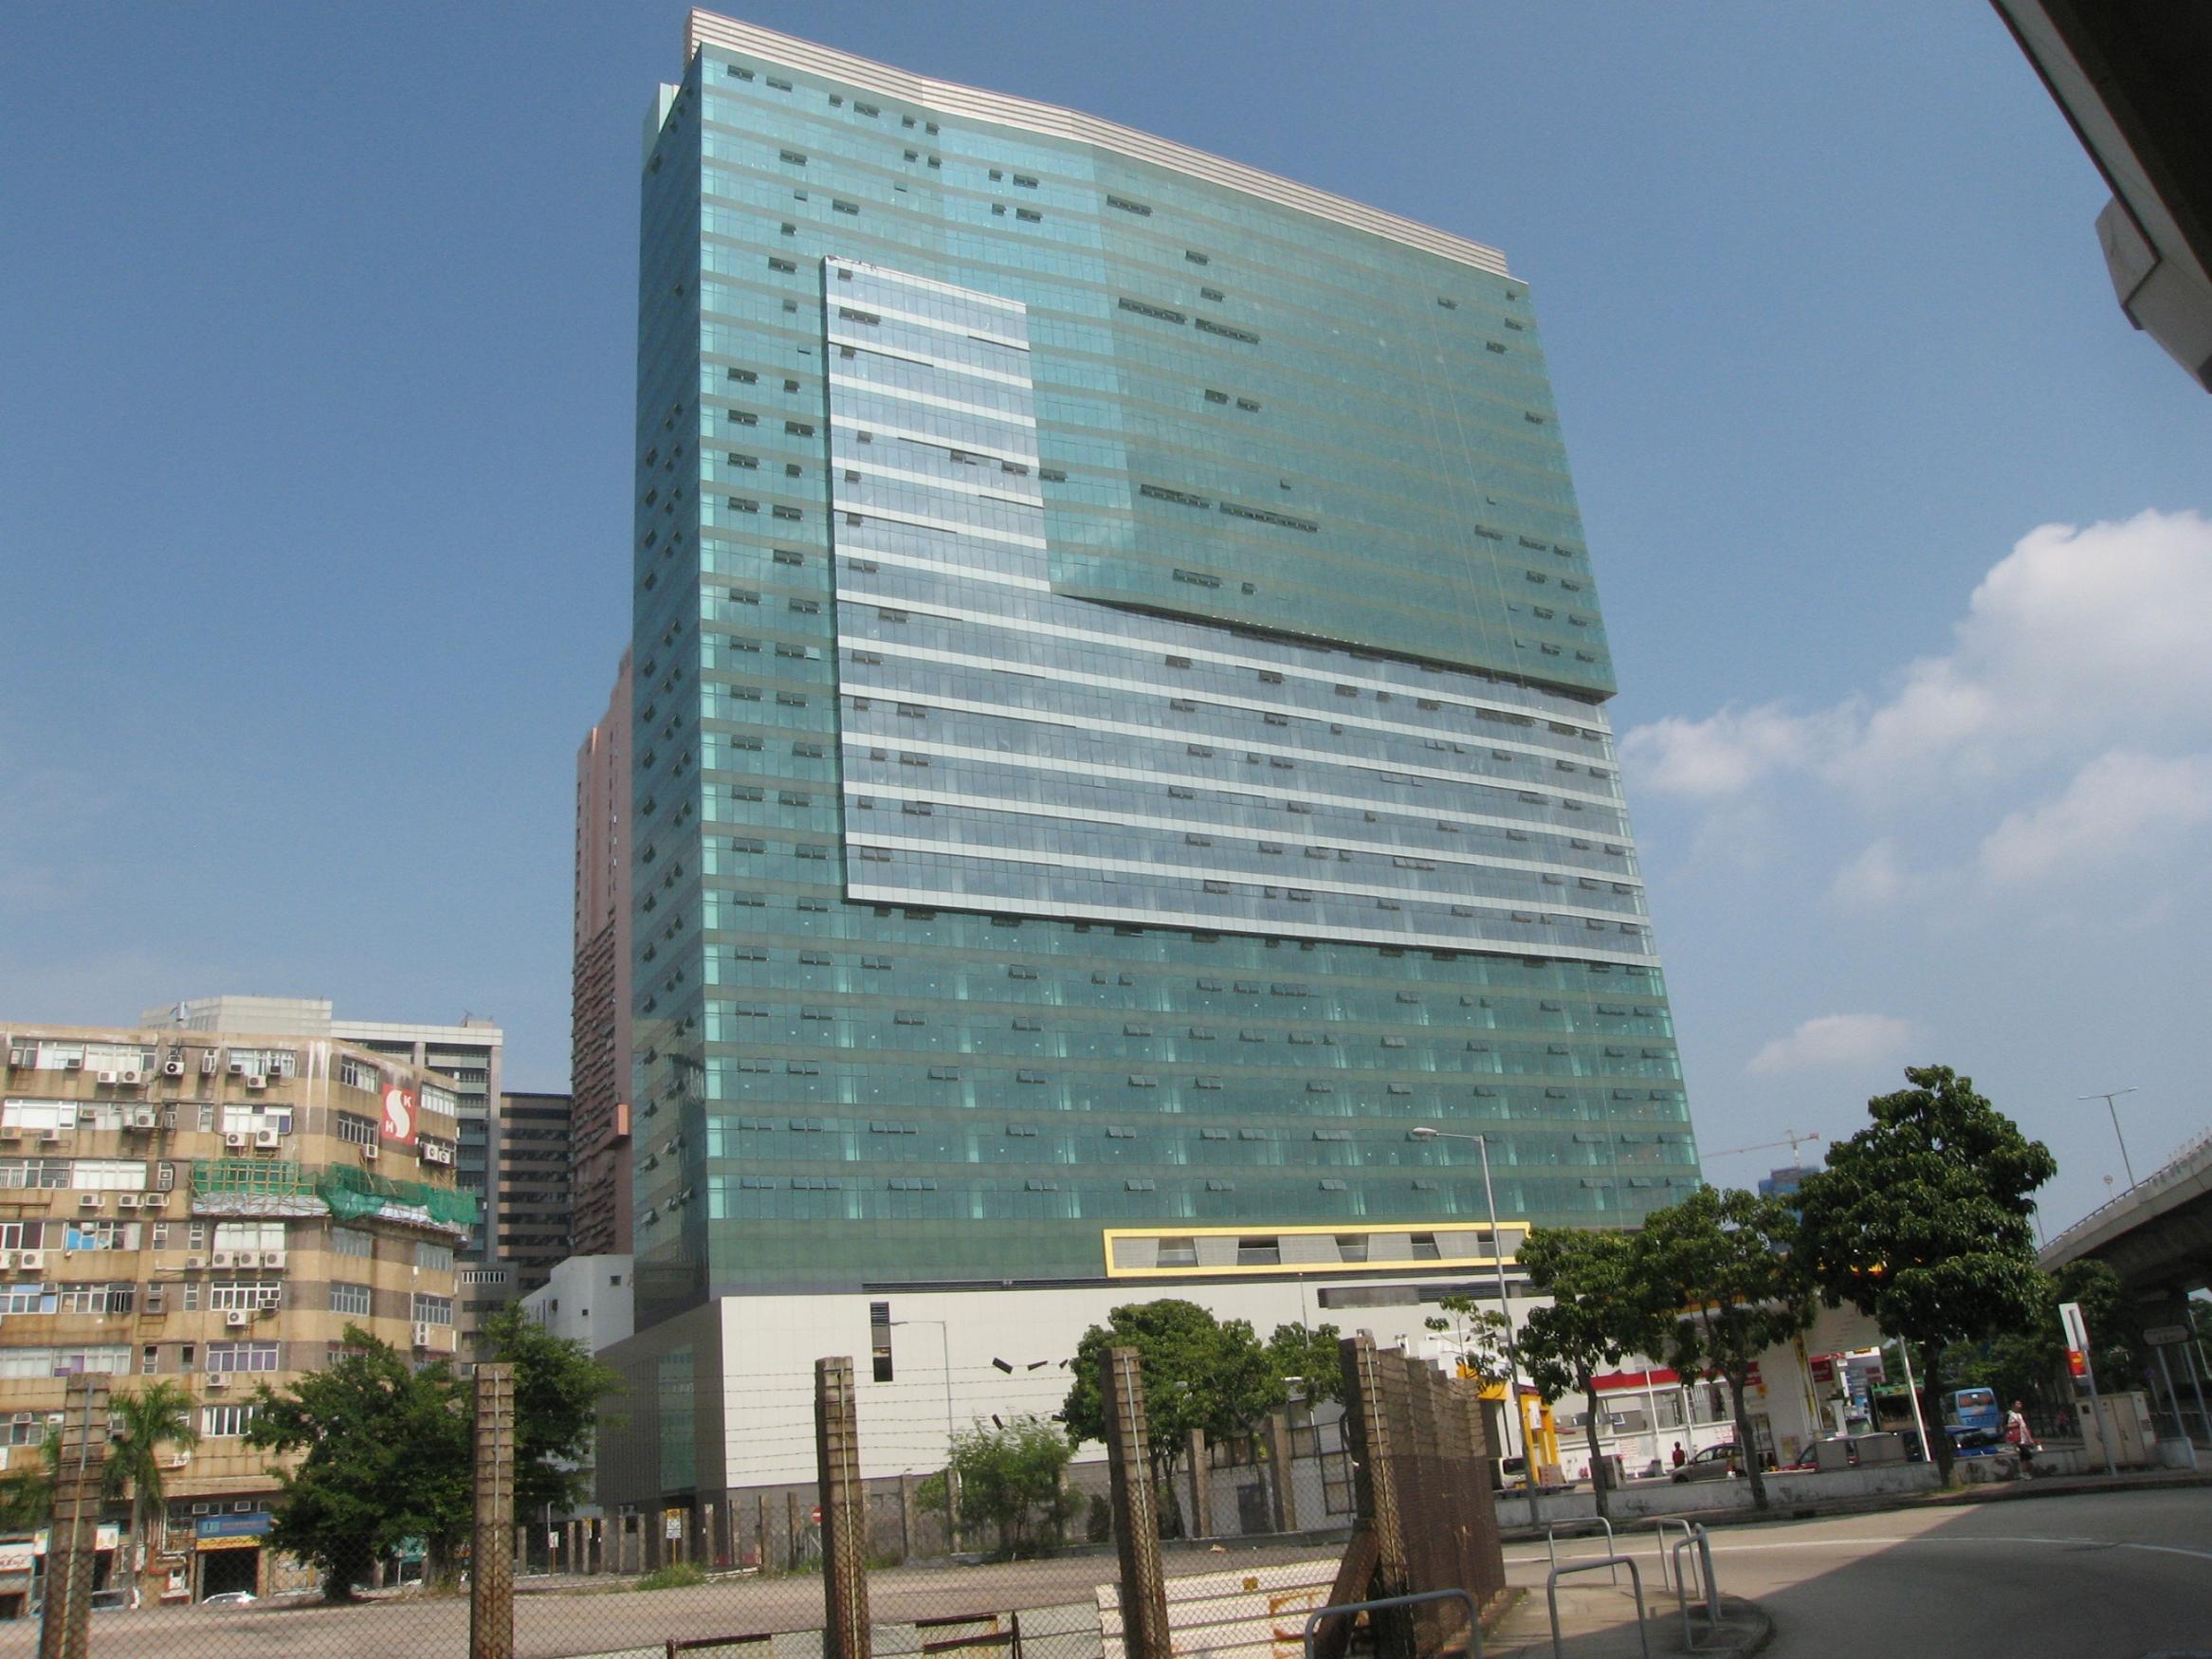 東九龍發展漸成熟 市場對全層戶需求殷切 九龍灣億京中心高層全層海景戶獨家放售 意向價約1.77億元